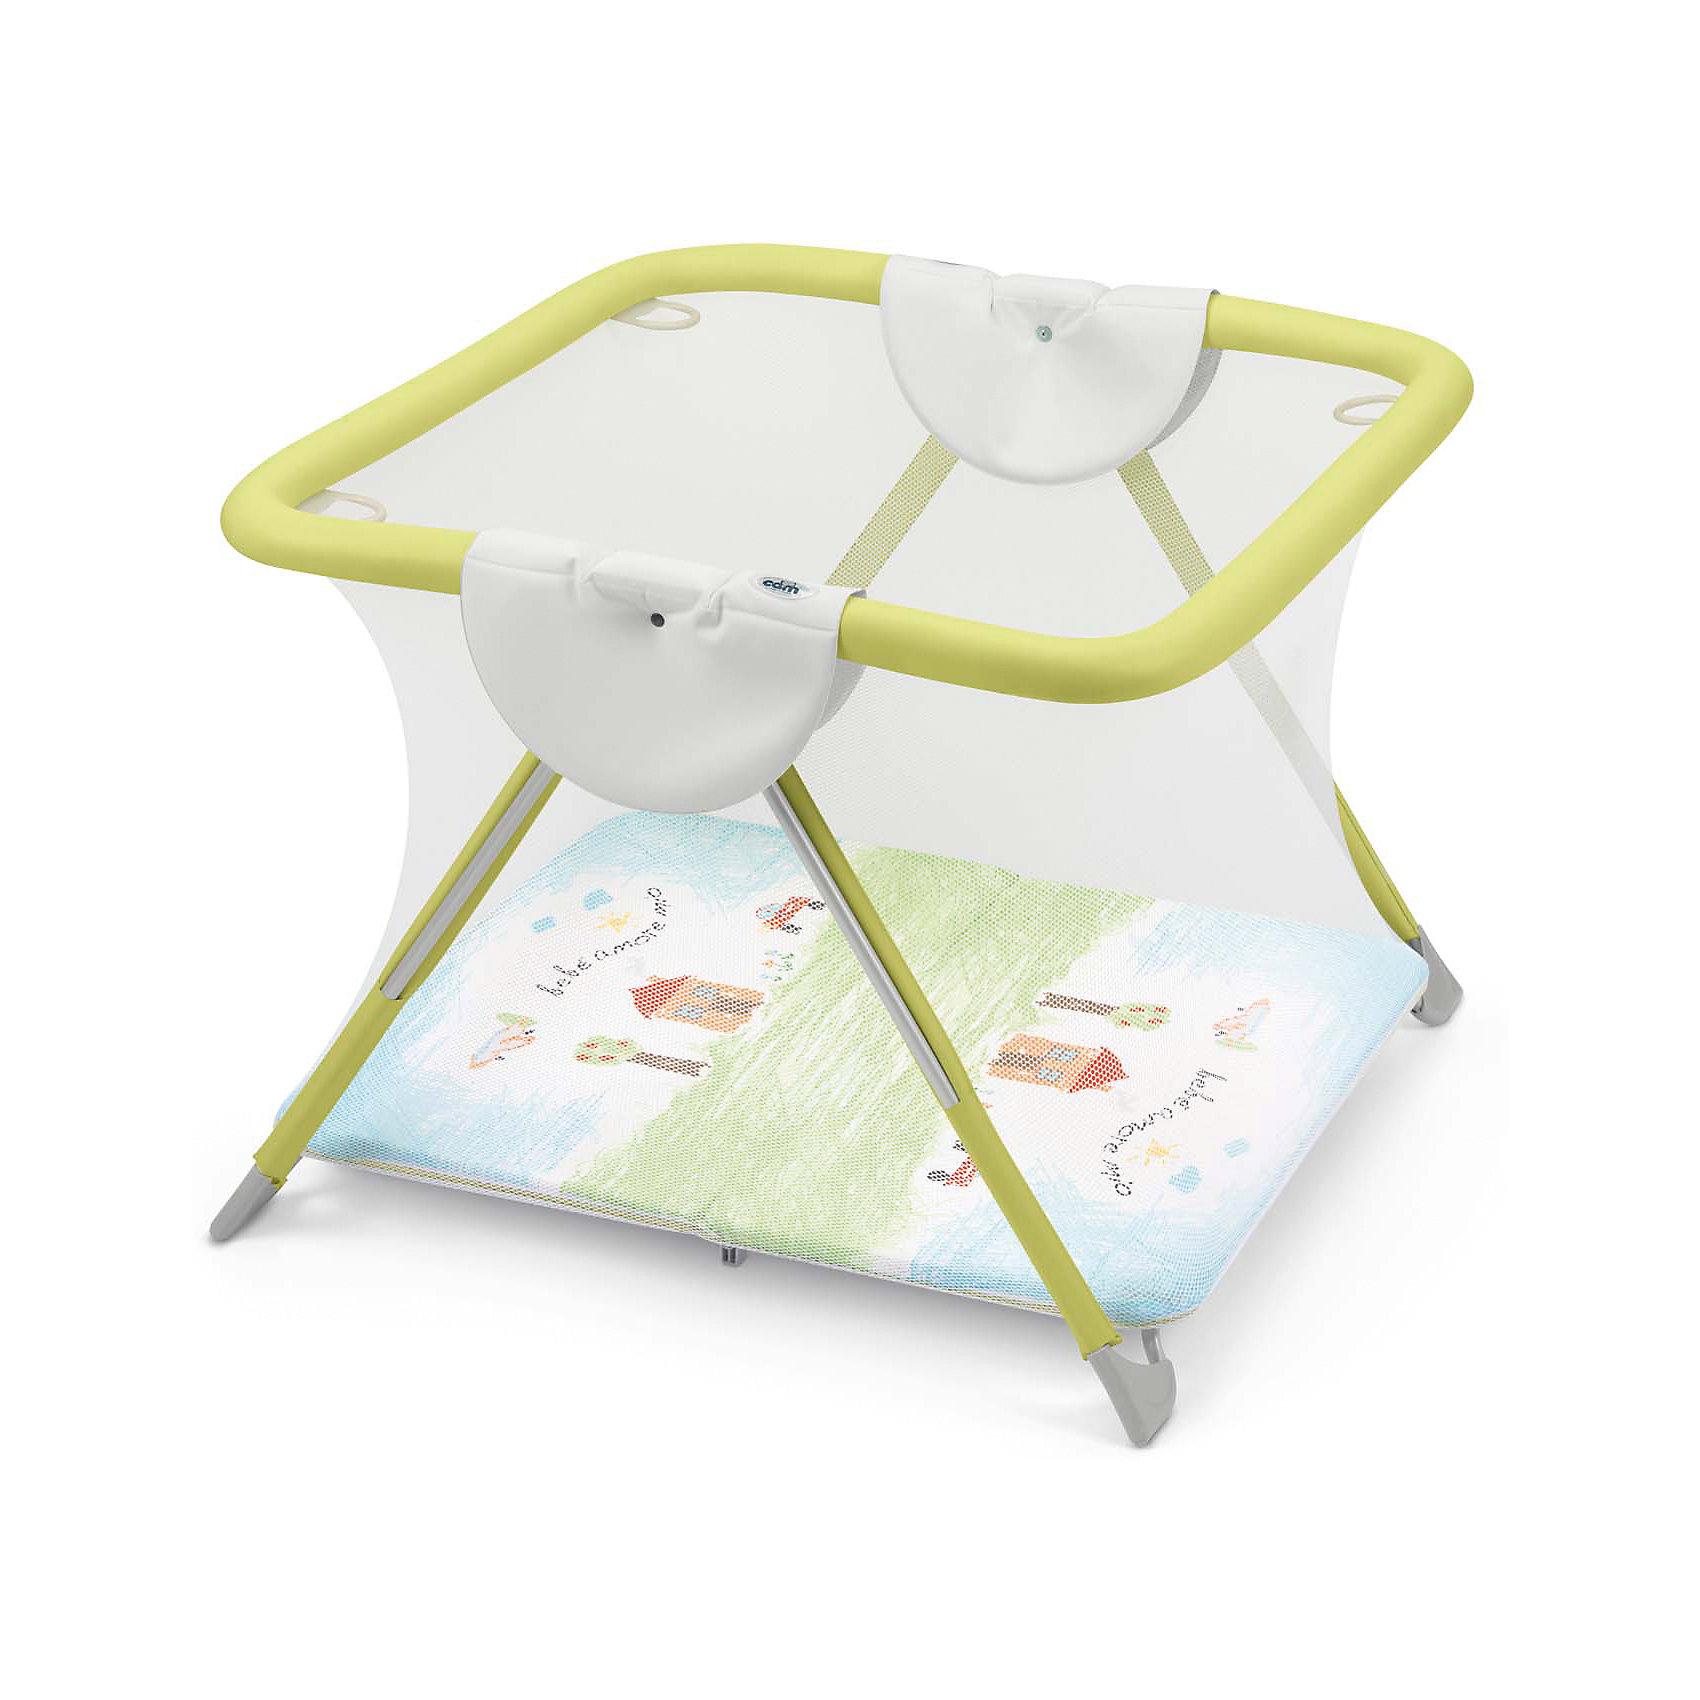 Игровой манеж America, CAM, салатовый Bebe amore mioОсновные характеристики:<br>предназначен для детей в возрасте от 5 до 24 месяцев, весом до 15 кг<br>крепкий и безопасный<br>боковые, фронтальные и задние упоры во избежание переворачивания манежа с ребенком<br>мягкий бортик, изготовленный из более устойчивого и крепкого пвх, для предотвращения его повреждения зубами ребенка<br>можно использовать как в помещении, так и на природе<br>надежное практичное дно<br>защитная сетка по периметру манежа<br>четыре резиновых ручки, помогающие малышу подниматься на ноги<br>4 ножки с покрытием не царапающим половые покрытия<br>легко складывается по принципу книжки, что обусловливает его компактность<br>легко моется губкой<br>Приятные особенности манежа Cam America: это идеальное приспособление, способное обезопасить вашего подвижного малыша. Изделие обладает квадратной формой с закрытыми стенками, оснащен великолепным цветным дном, что, несомненно, порадует кроху. Манеж имеет компактные размеры благодаря системе легкого складывания, защитную сетку и четыре резиновые ручки, помогающие малышу подняться на ноги.<br>Общие размеры:<br>в разложенном виде (шxгxв) 118x110x75 см<br>в сложенном виде (шxгxв) 118x23x72 см<br><br>Ширина мм: 1145<br>Глубина мм: 200<br>Высота мм: 1005<br>Вес г: 19000<br>Возраст от месяцев: 6<br>Возраст до месяцев: 36<br>Пол: Унисекс<br>Возраст: Детский<br>SKU: 4761352